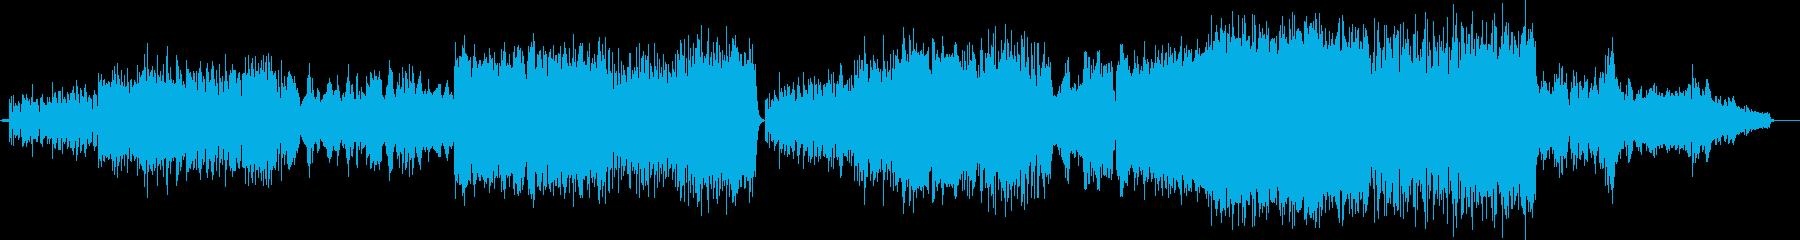 波打ち際から水平線を望むピアノ協奏曲の再生済みの波形